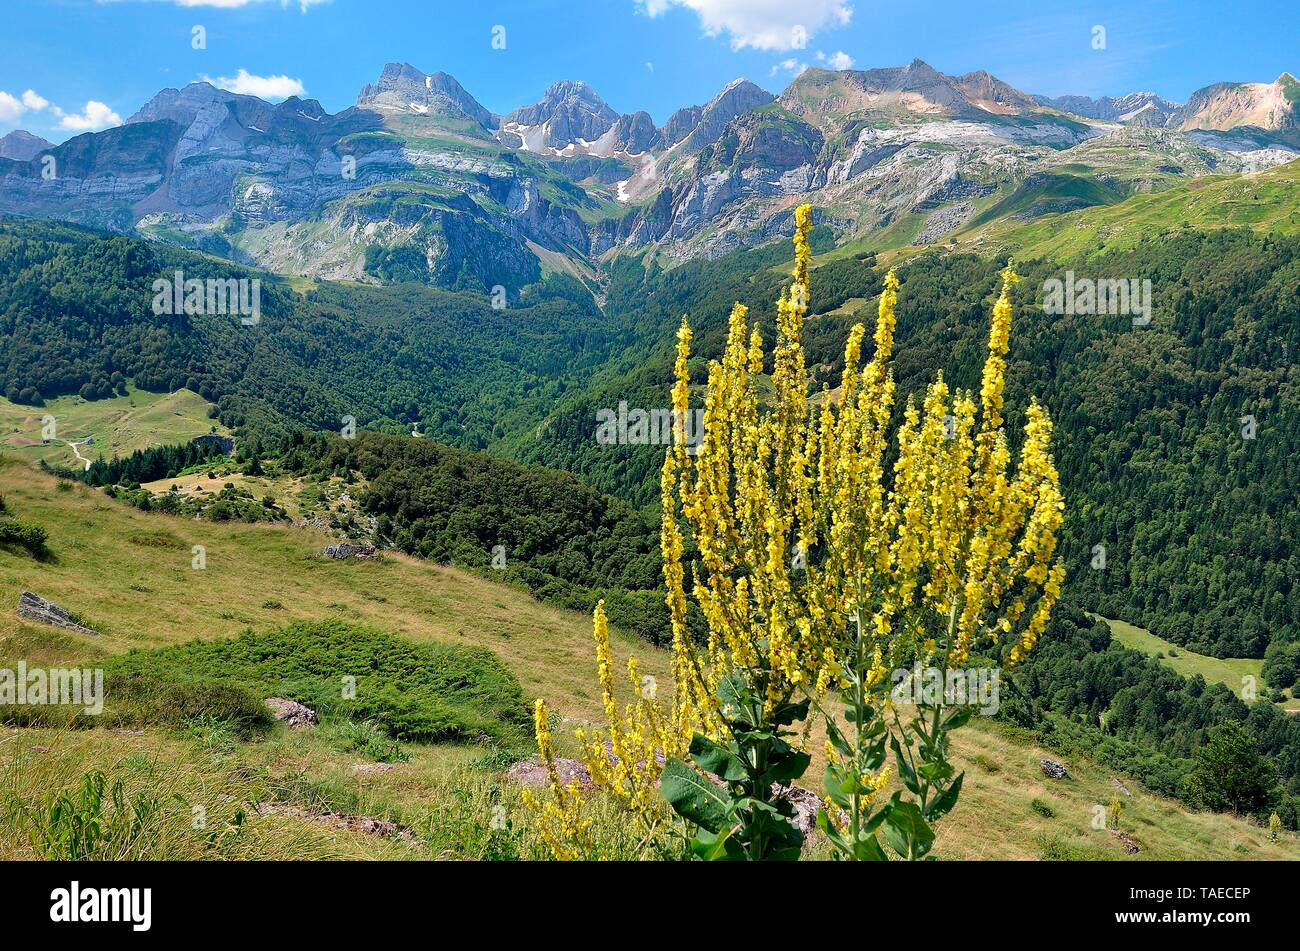 Scrophulariaceae Family Stockfotos & Scrophulariaceae Family Bilder - Alamy